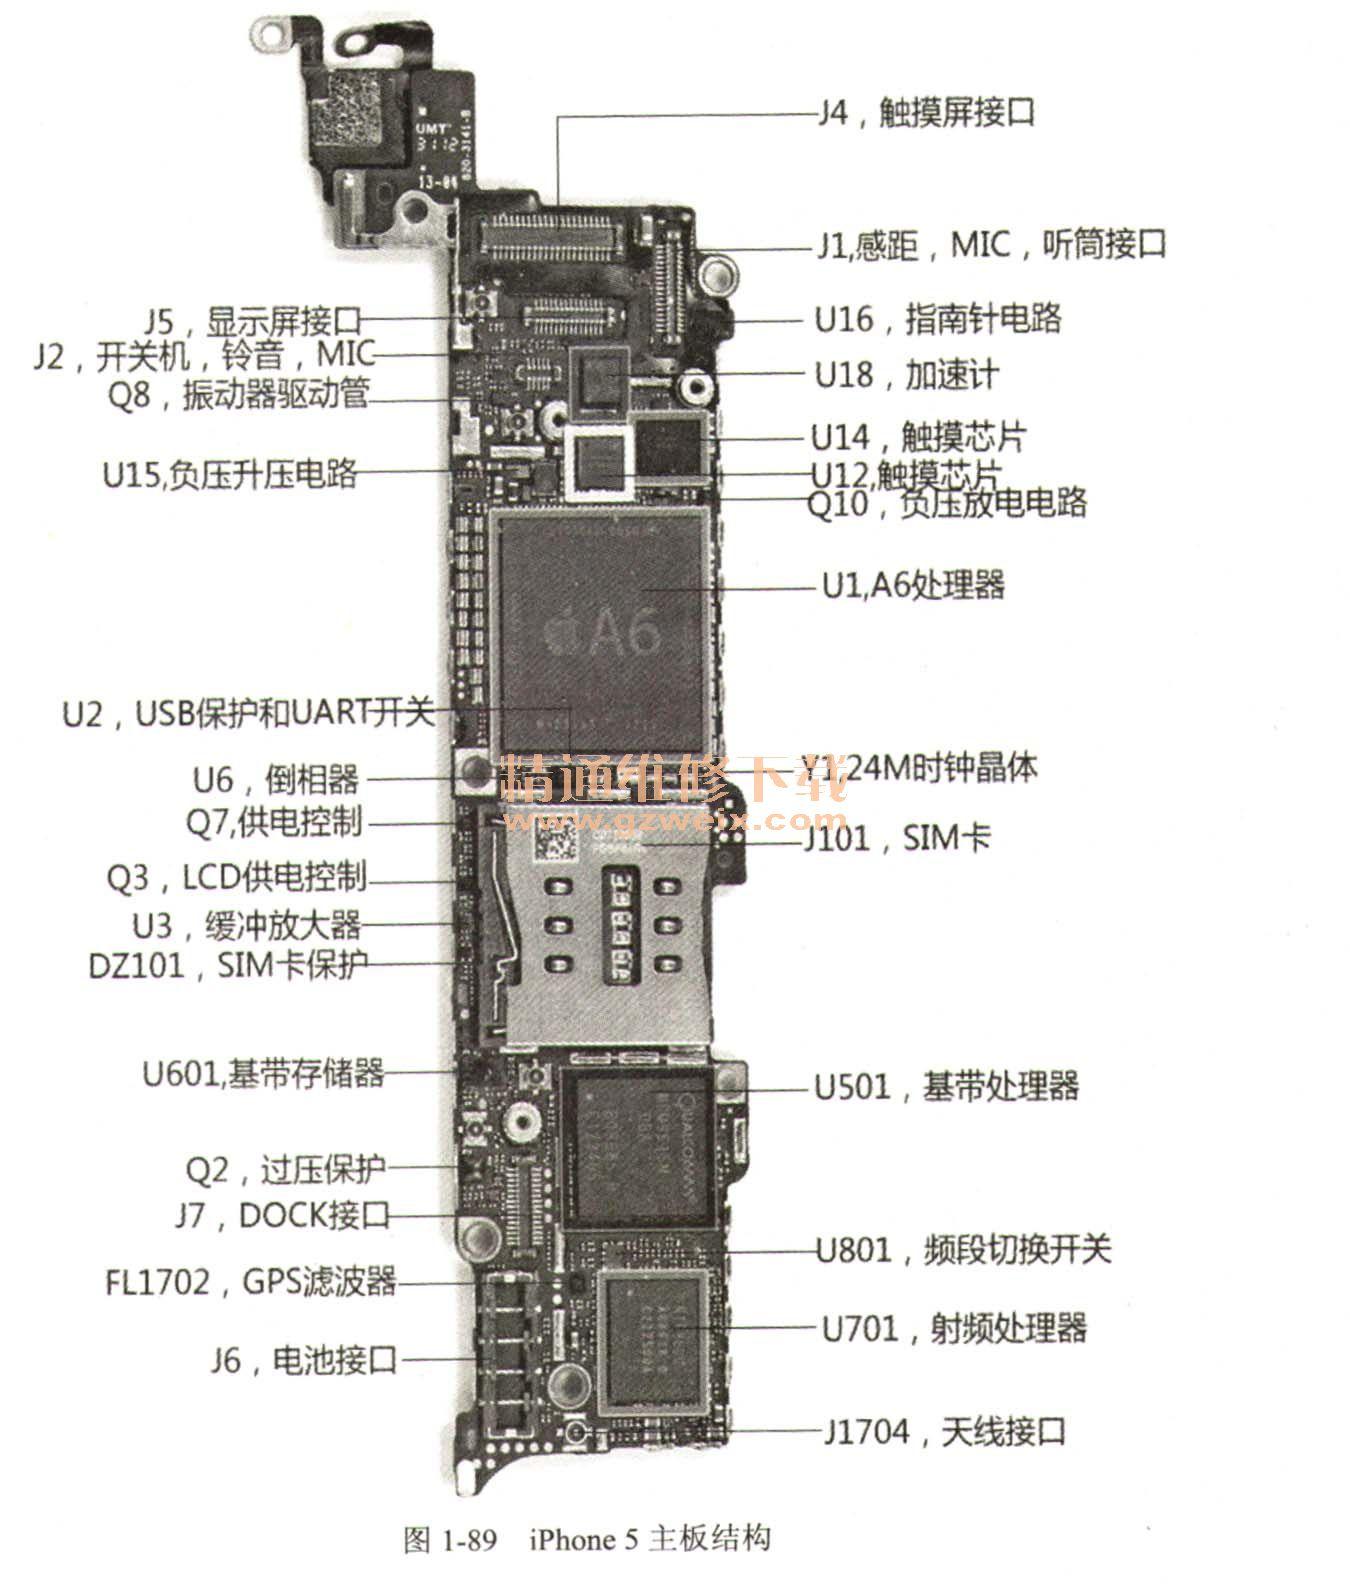 详解苹果iphone各系列手机主板结构